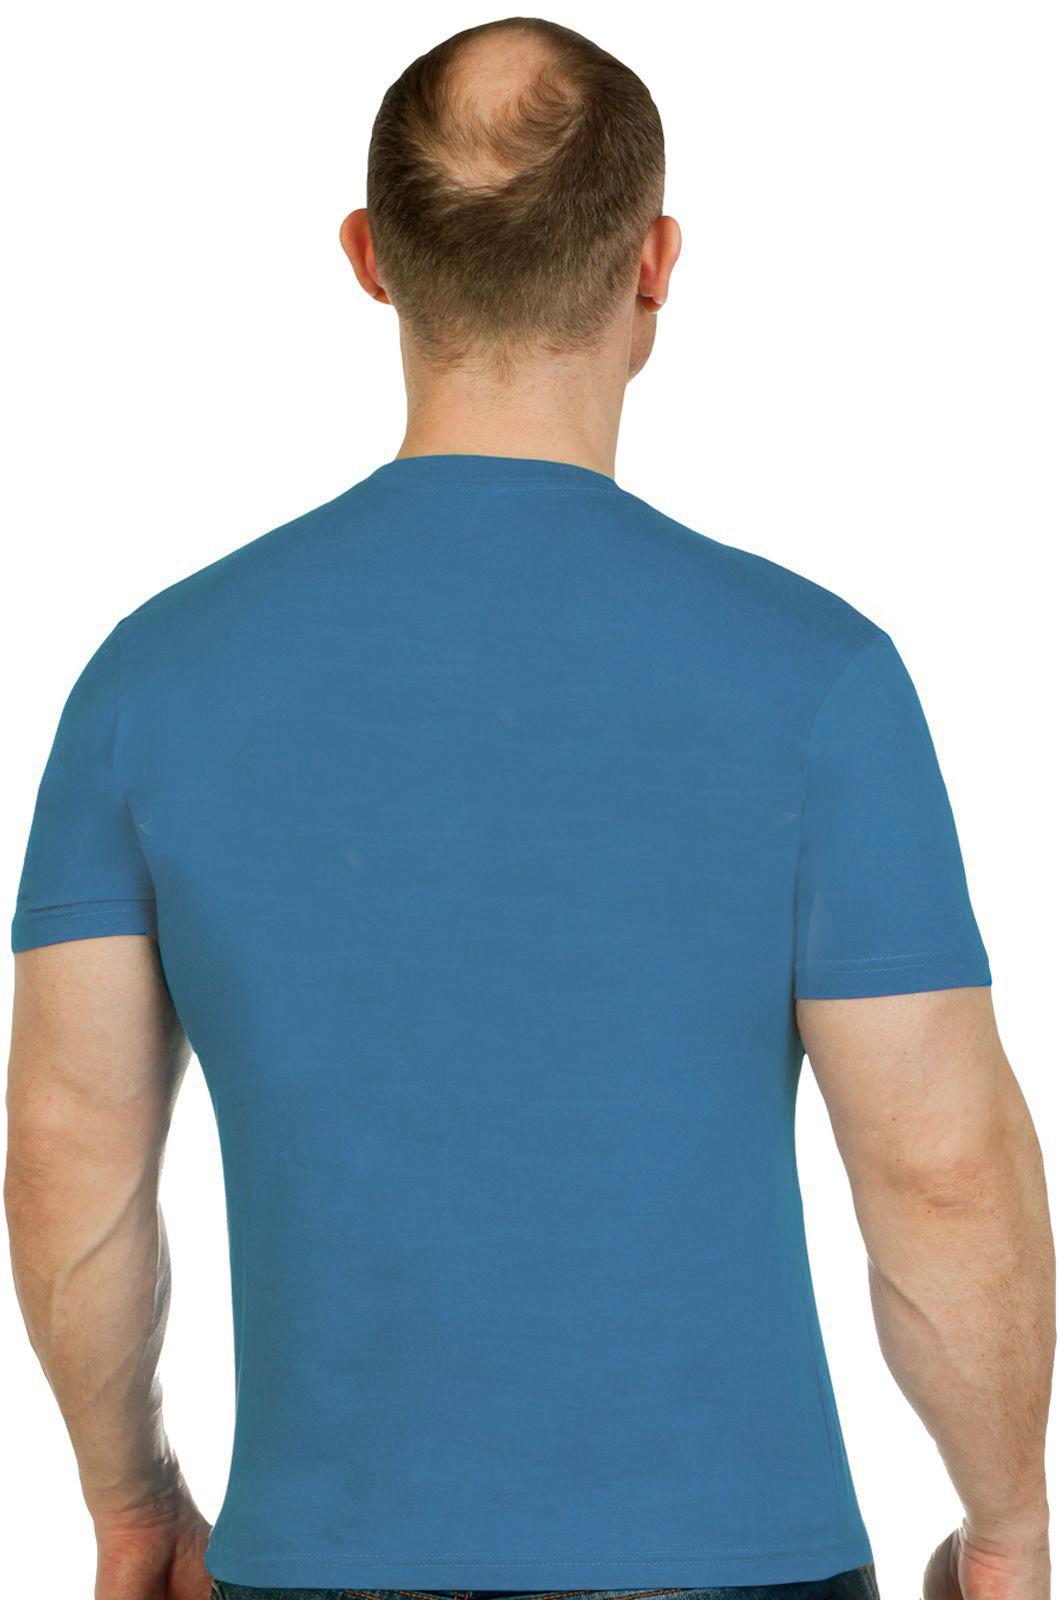 Хлопковая сине-зеленая футболка с вышитым Гербом России - купить онлайн